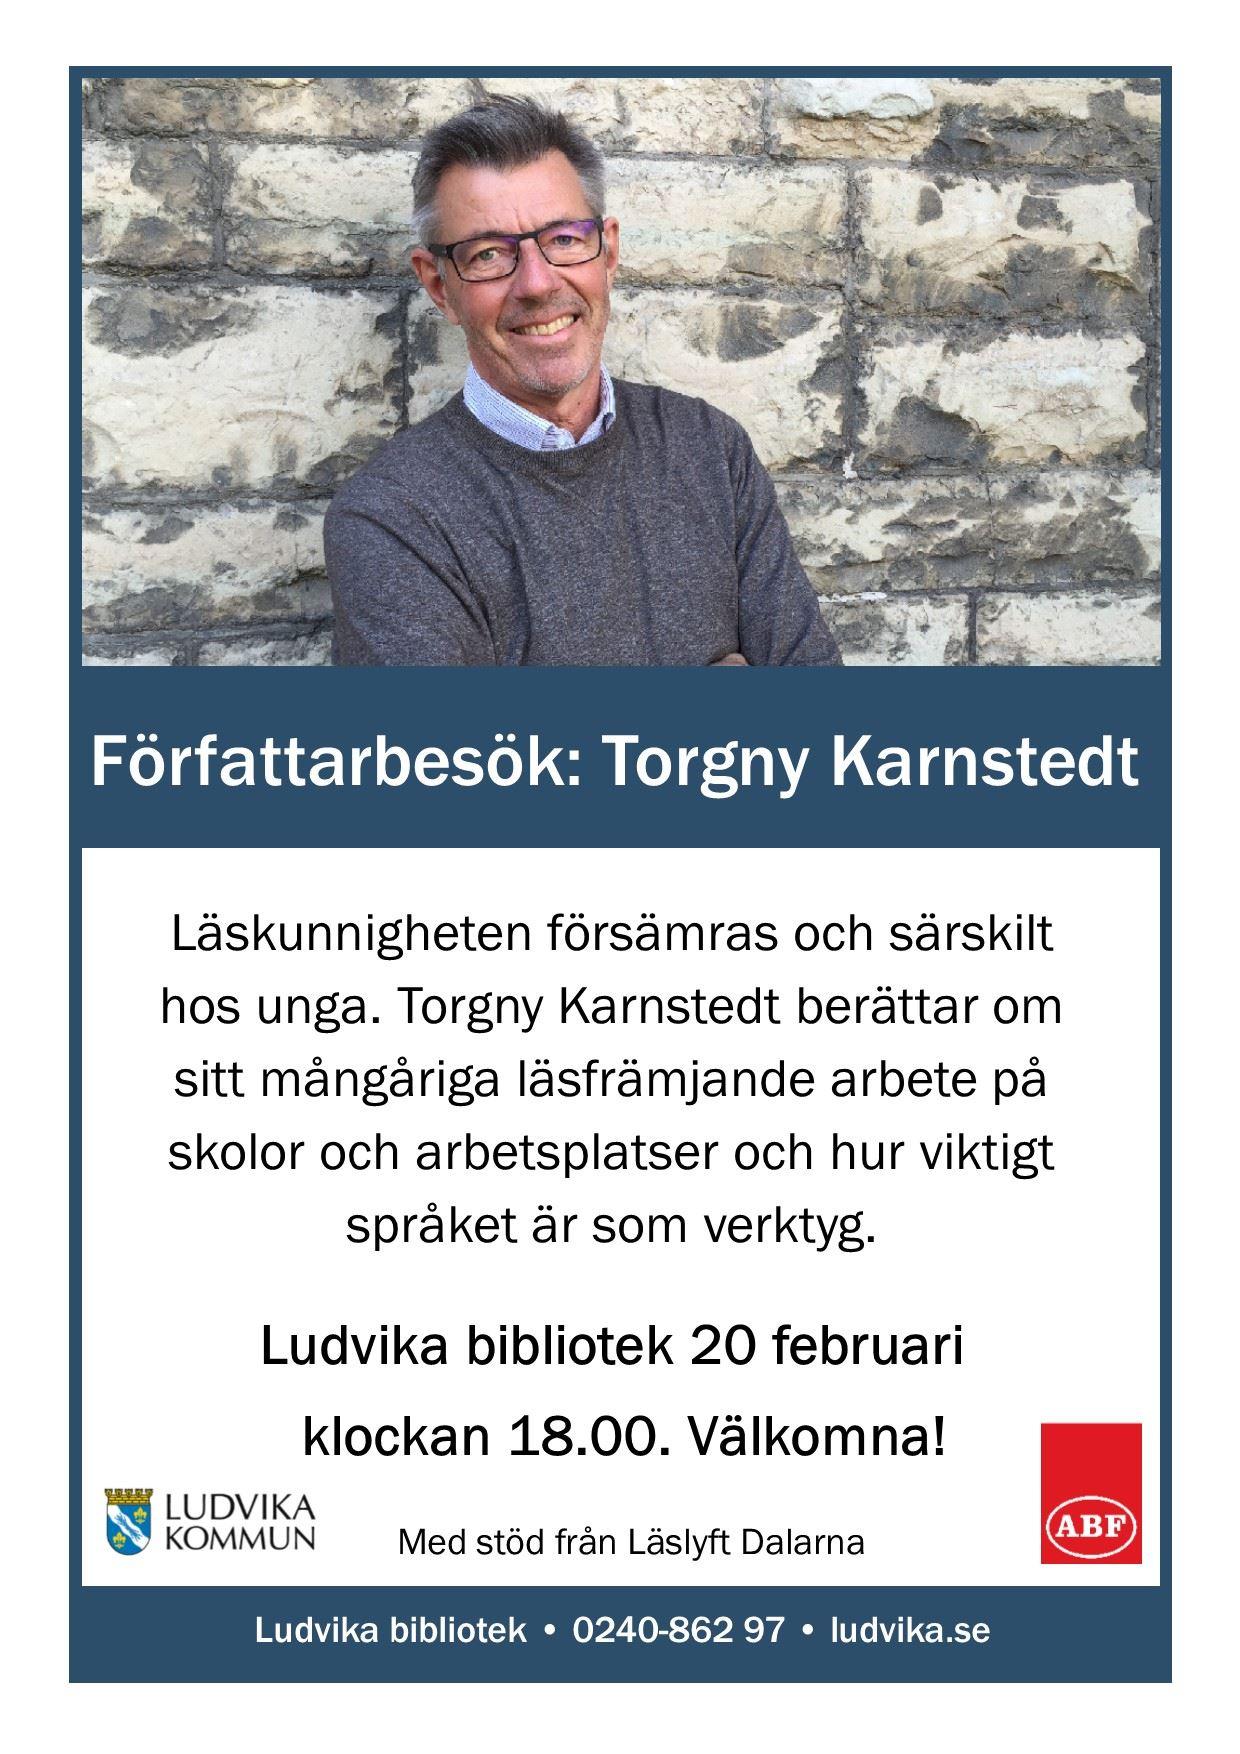 Författarbesök Torgny Karnstedt